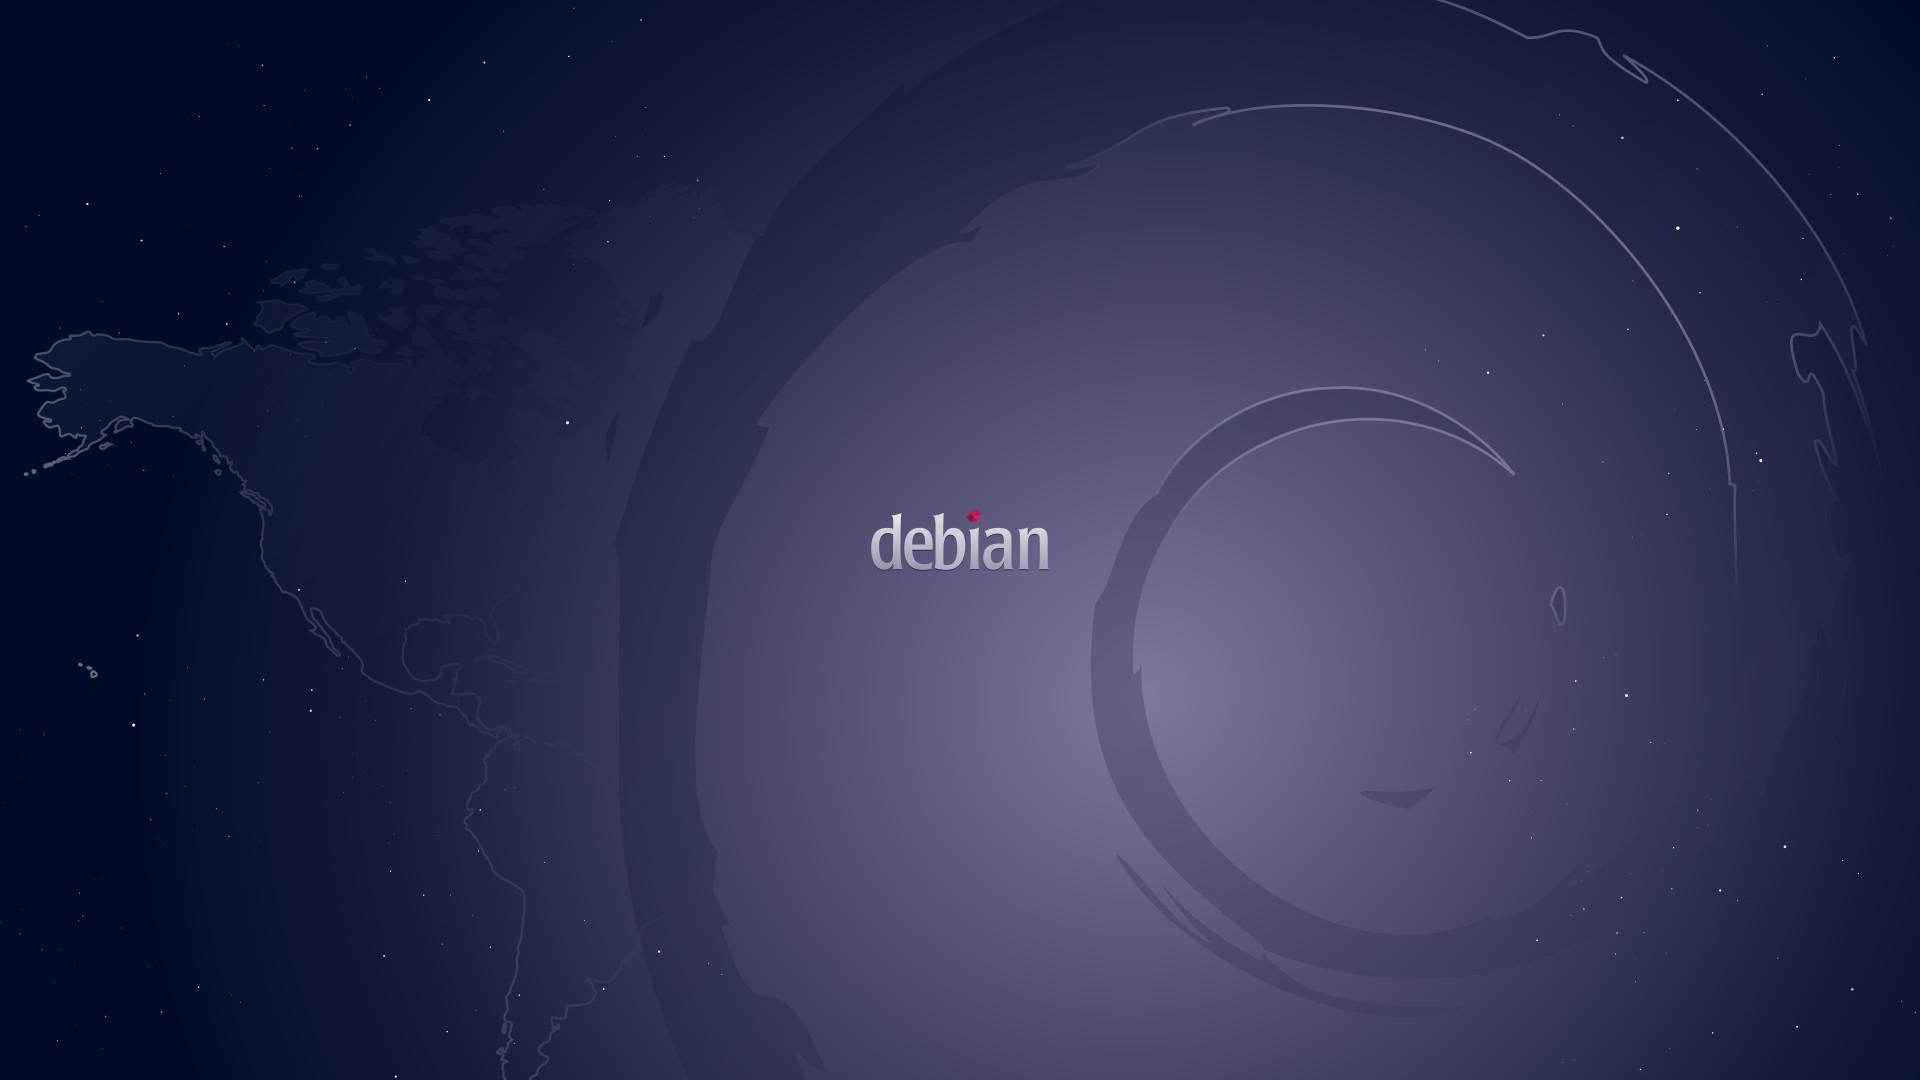 Res: 1920x1080, Debian Wallpaper FullHD 1080p by fernandomo Debian Wallpaper FullHD 1080p  by fernandomo